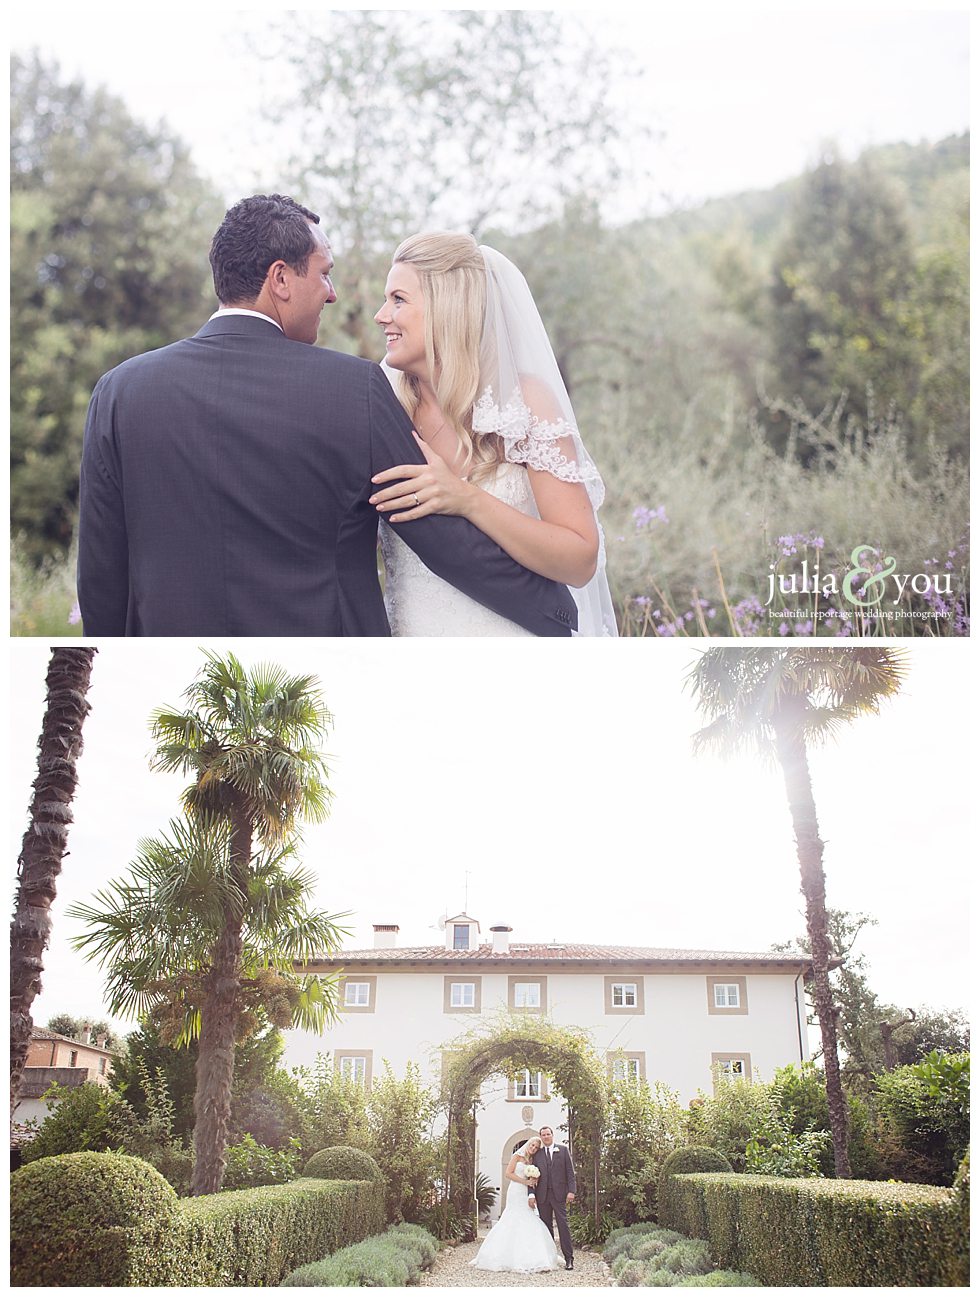 tuscany-destination-wedding-photography-115